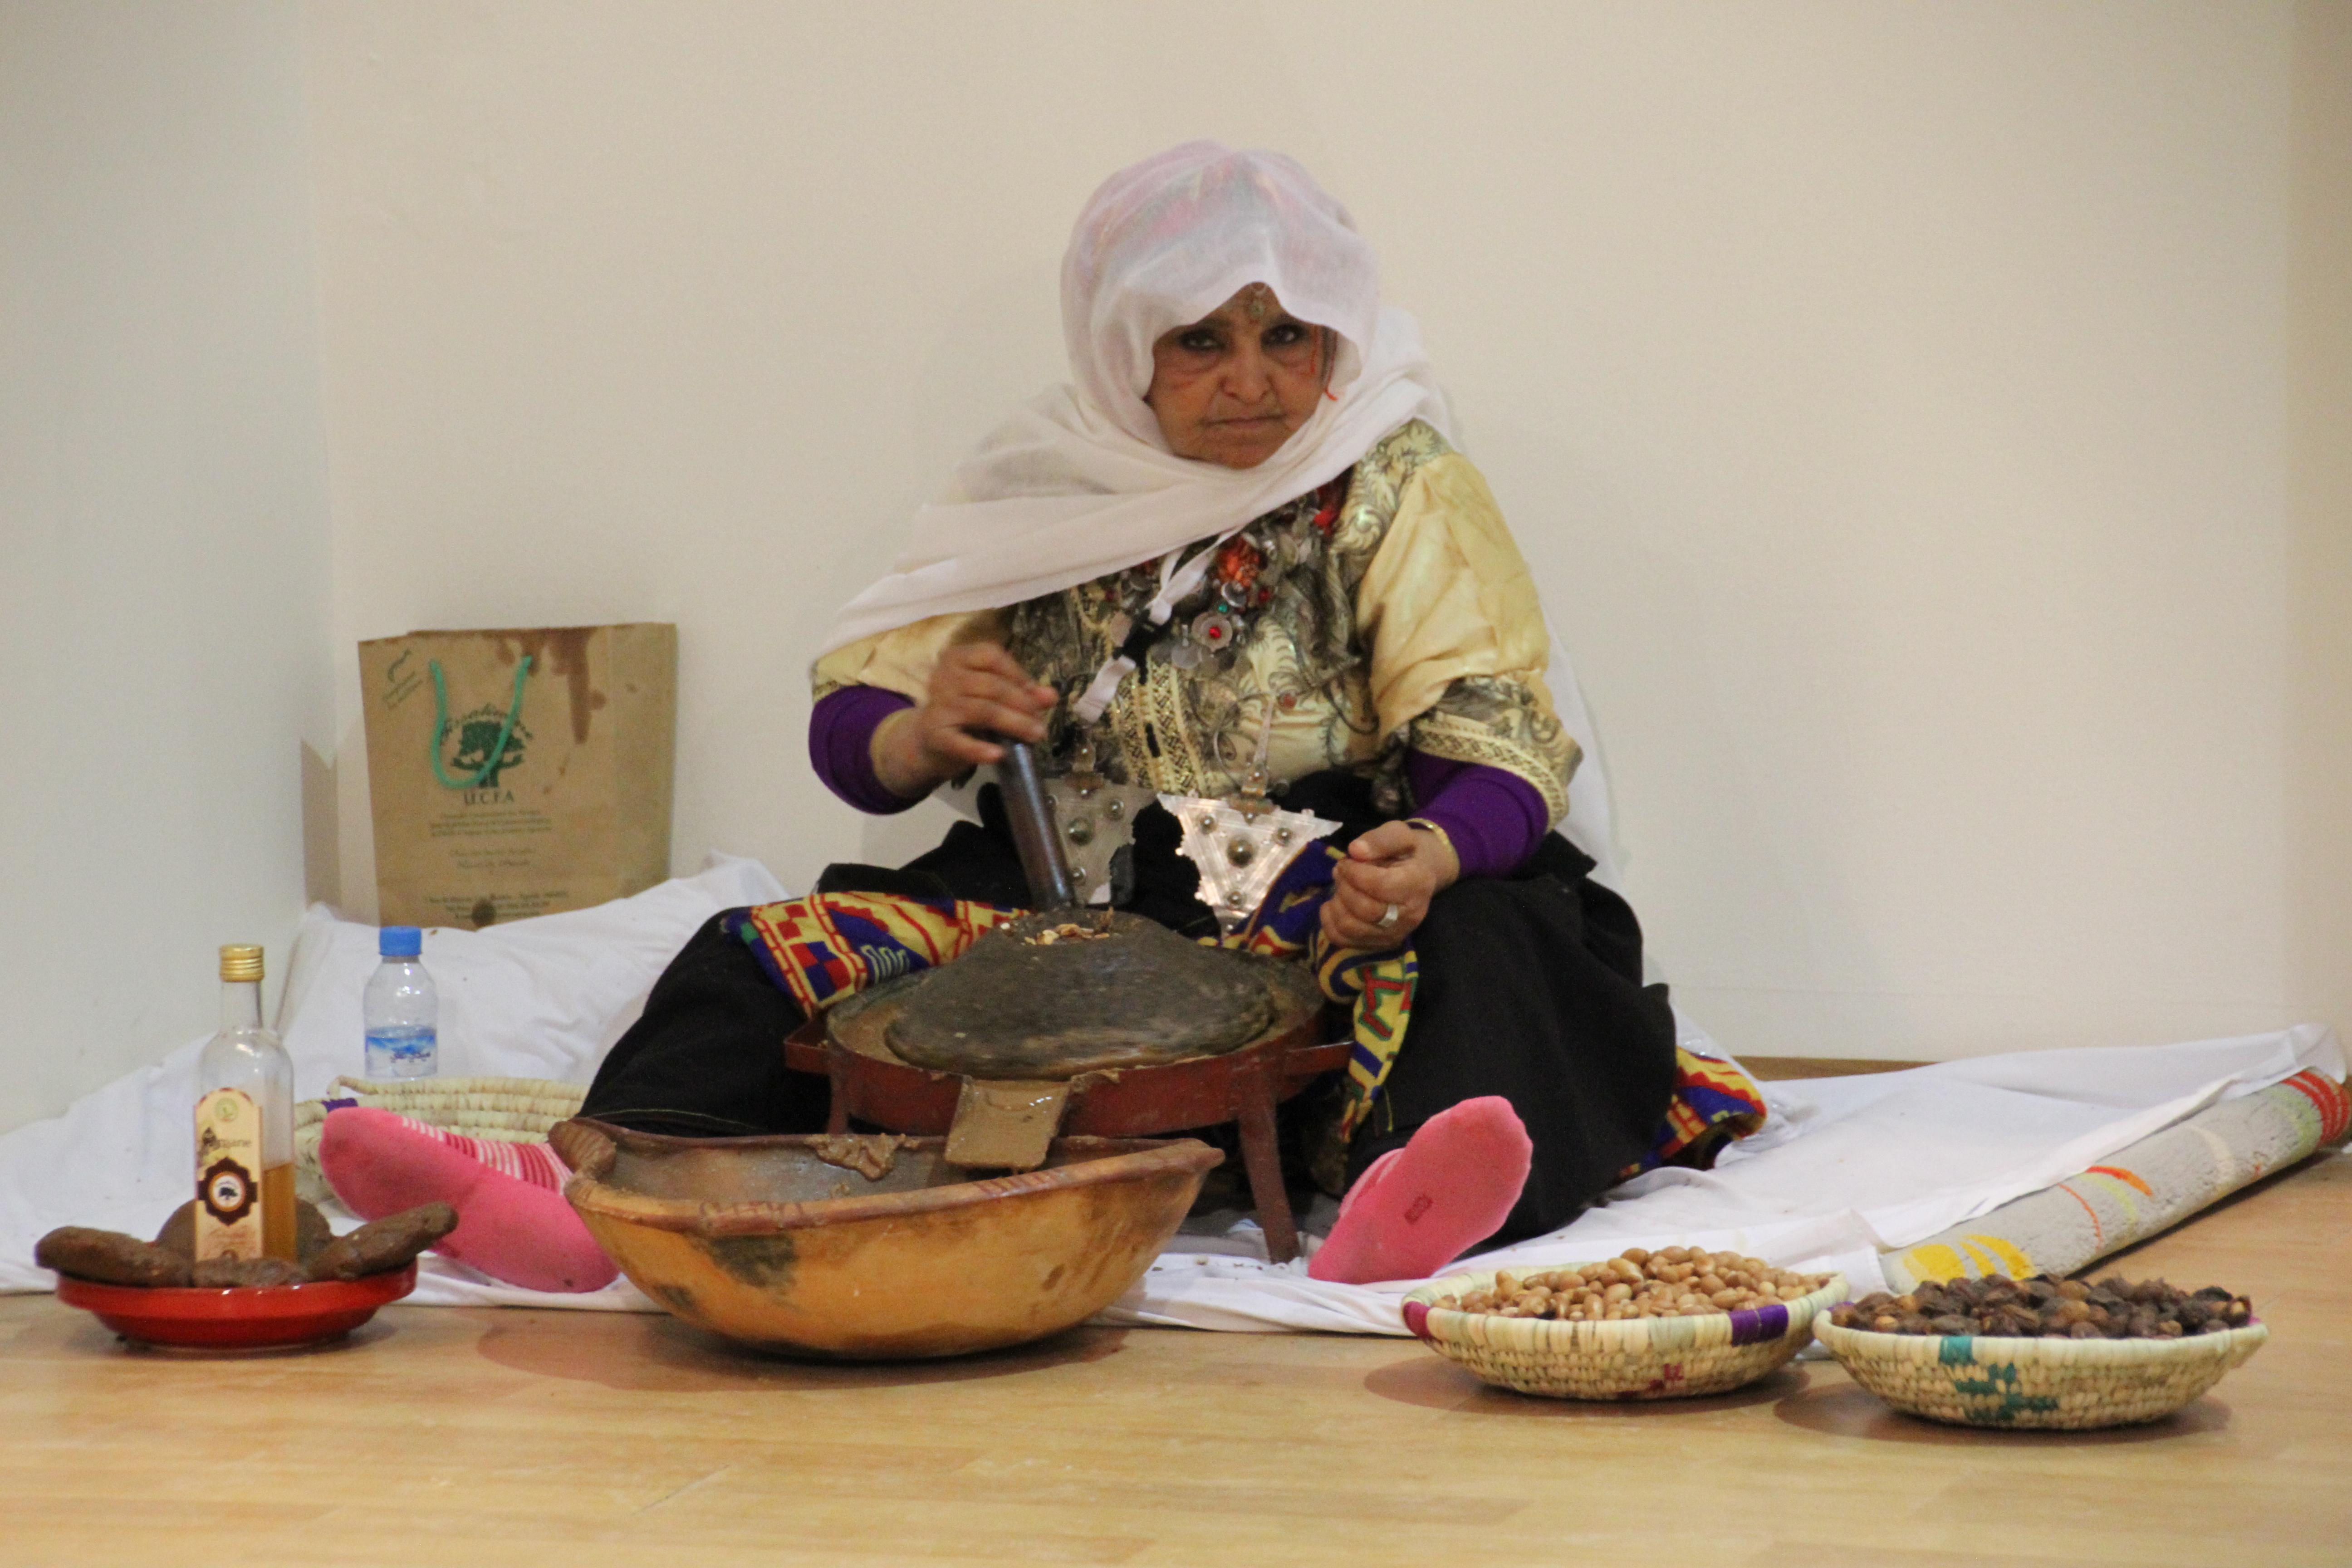 التعاونيات النسائية بالأقاليم الجنوبية .. منتوجات متنوعة وغنية وحضور وازن بالملتقى الدولي للفلاحة بمكناس